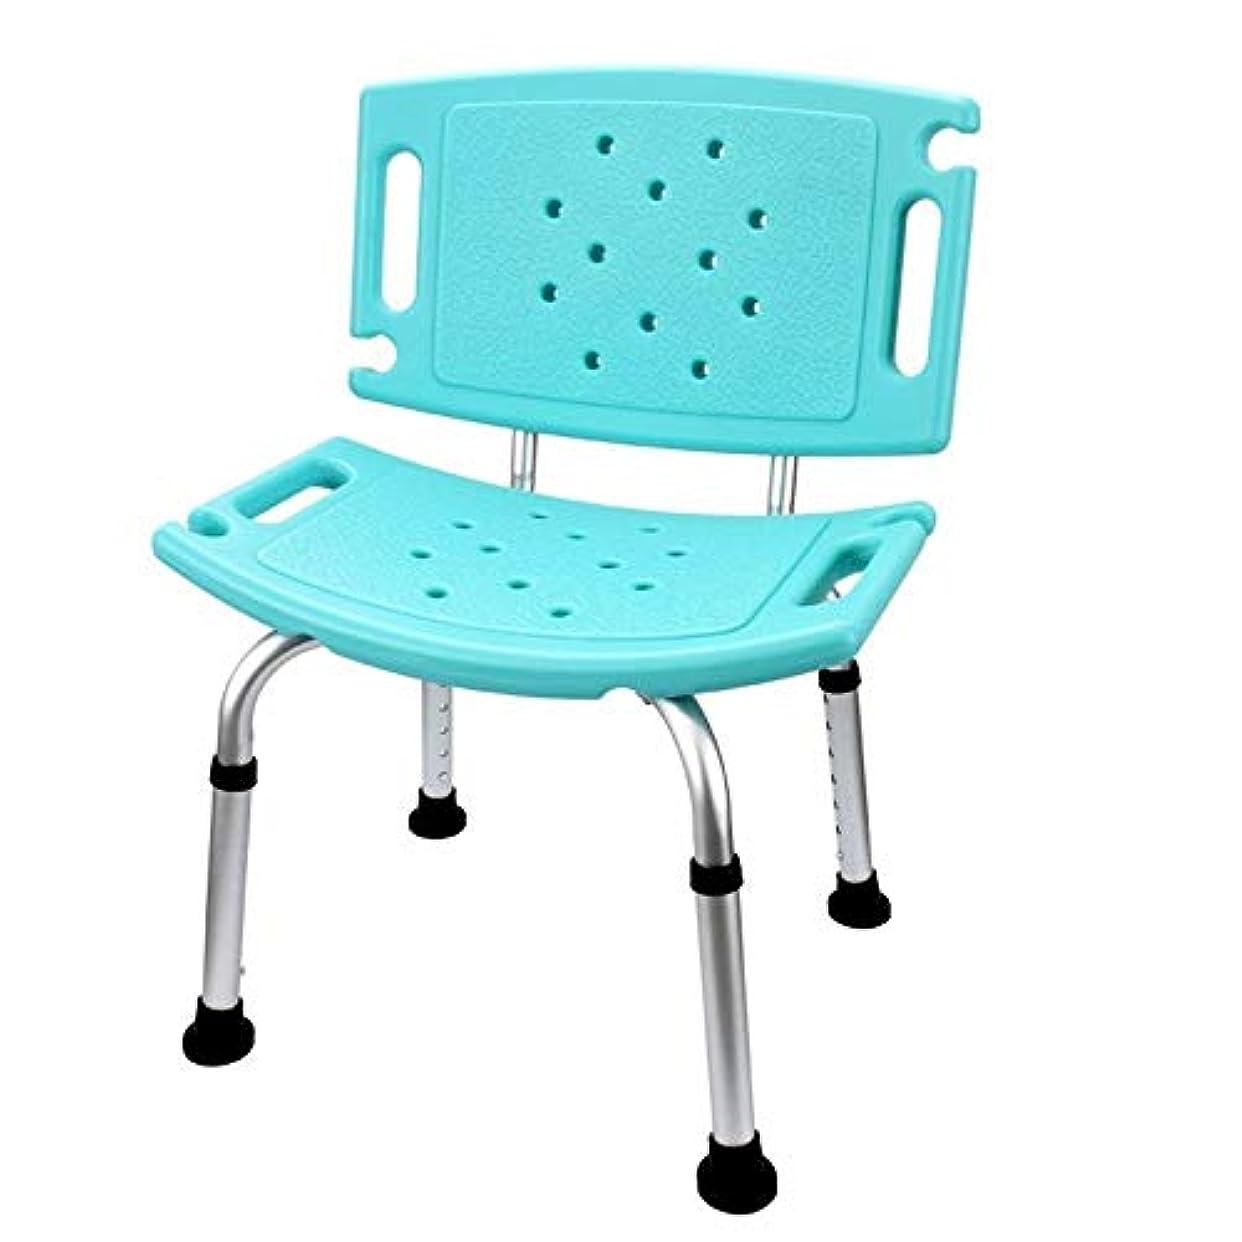 シェーバーびん交流する背部およびシャワー?ヘッドのホールダーが付いているデラックスな高さの調節可能なアルミニウムBath/シャワーの椅子